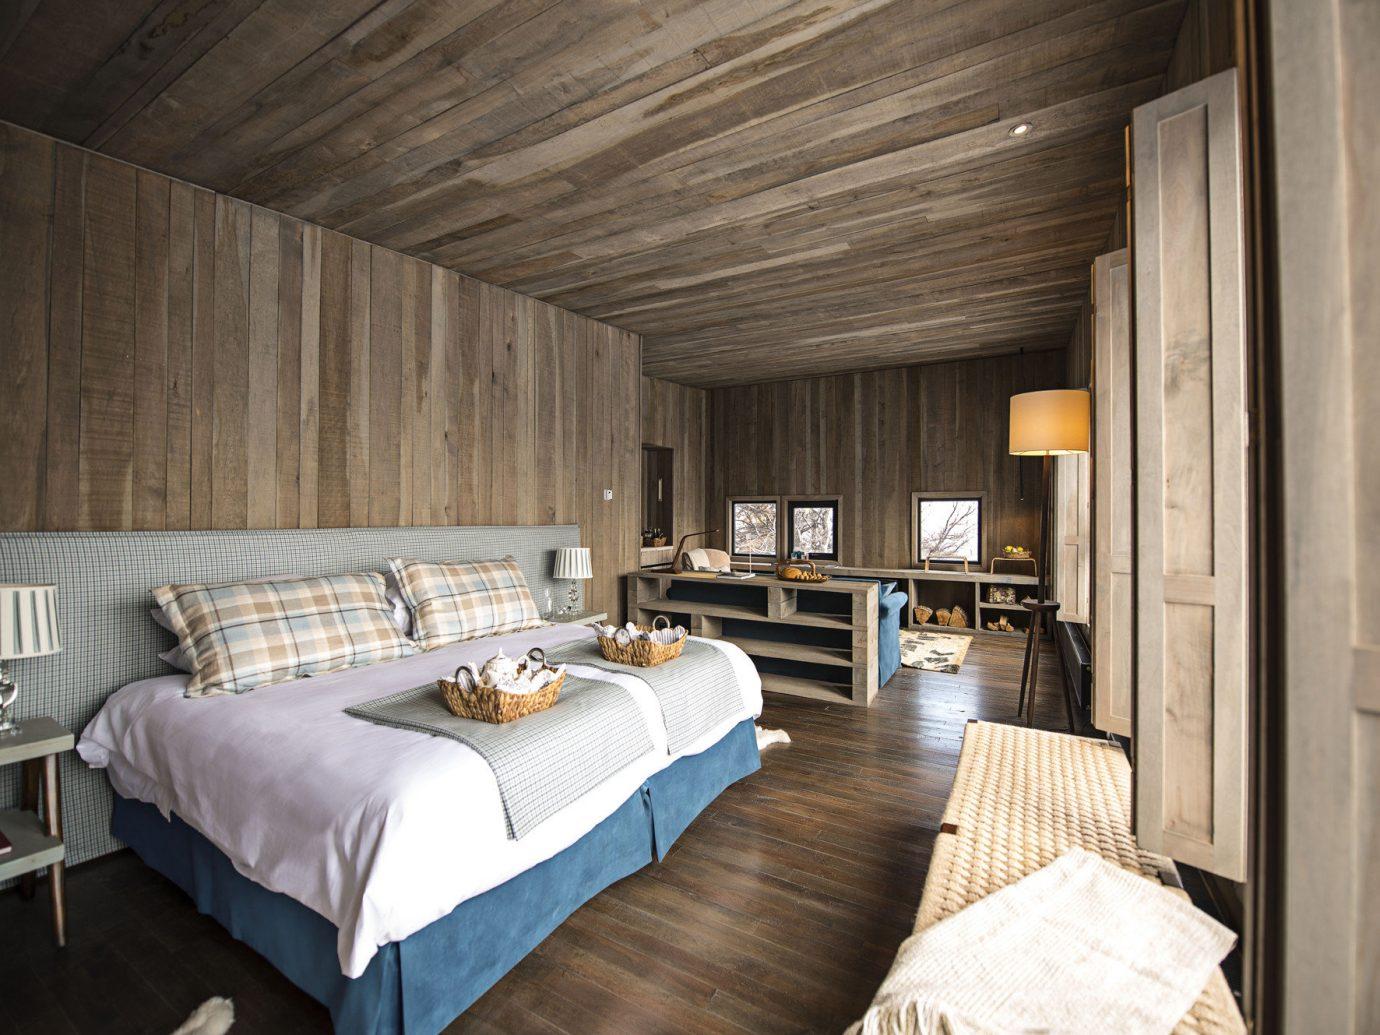 Hotels indoor bed ceiling room property Bedroom living room estate interior design floor cottage home wood hotel real estate farmhouse Design loft furniture